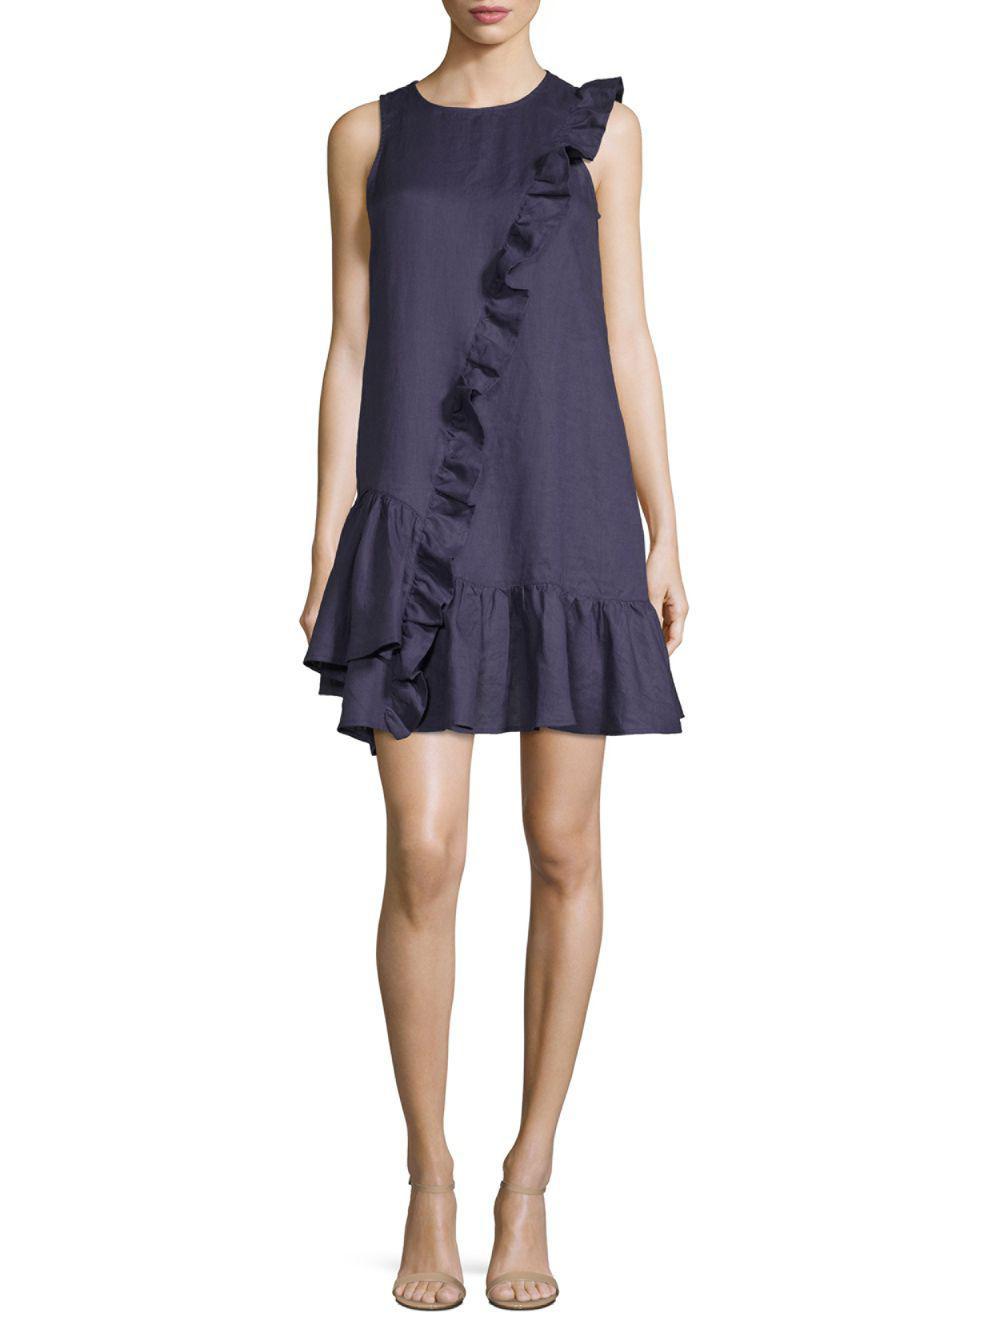 Lyst - Saks Fifth Avenue Black Ruffle Sleeveless Linen Dress in Blue